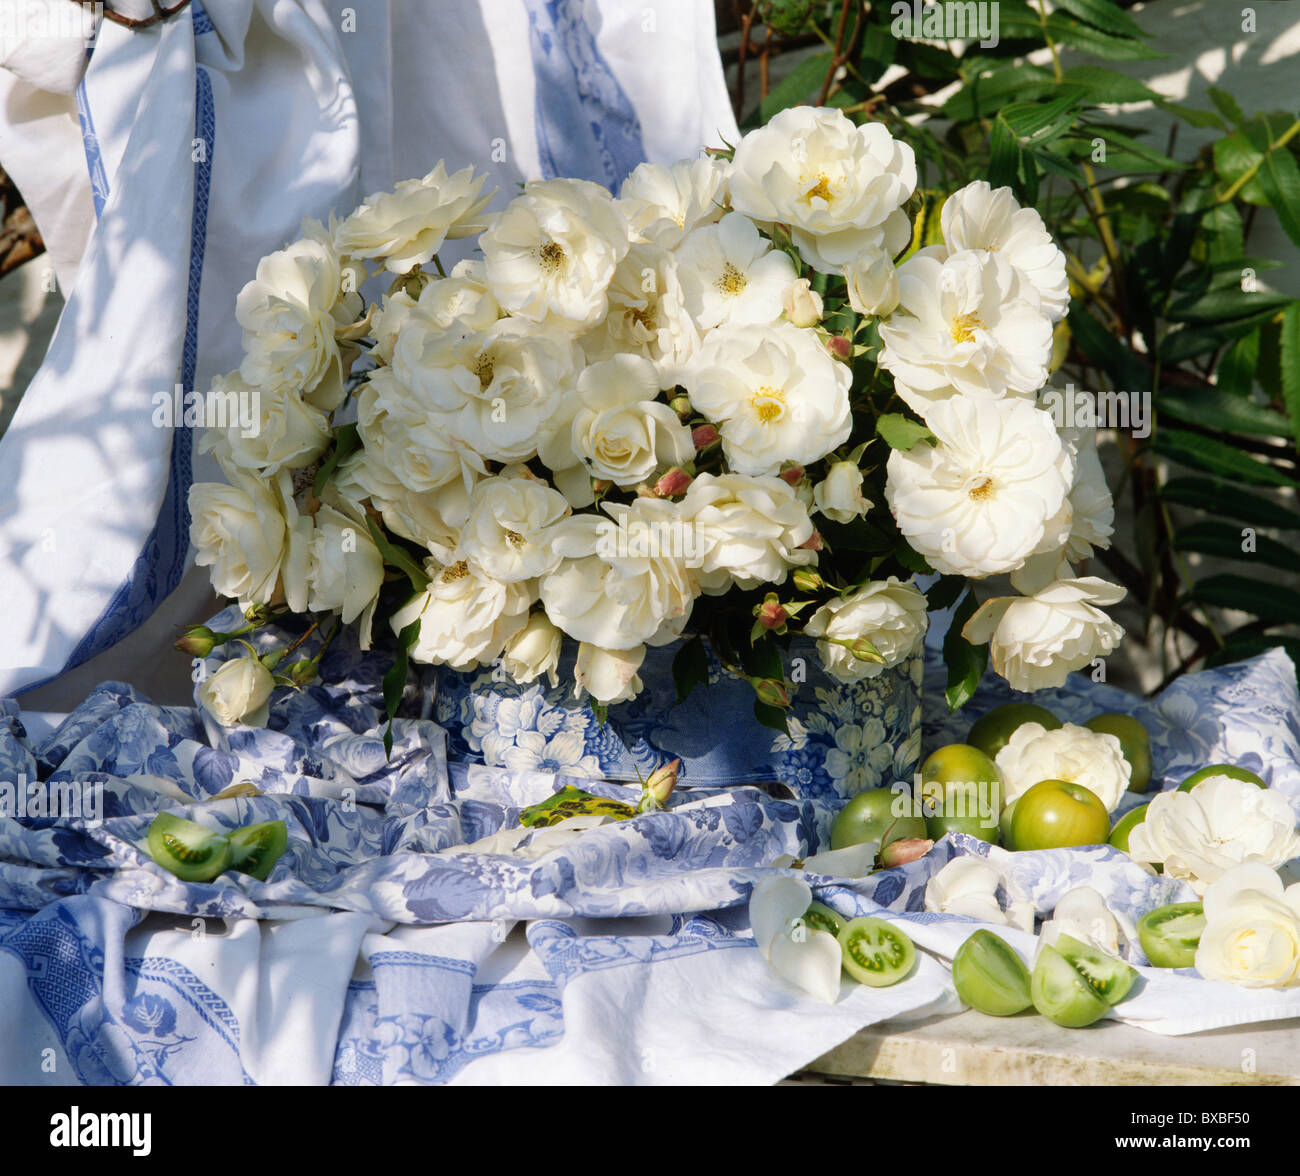 Still life of vase of white roses on garden table against blue still life of vase of white roses on garden table against bluewhite draped fabric reviewsmspy